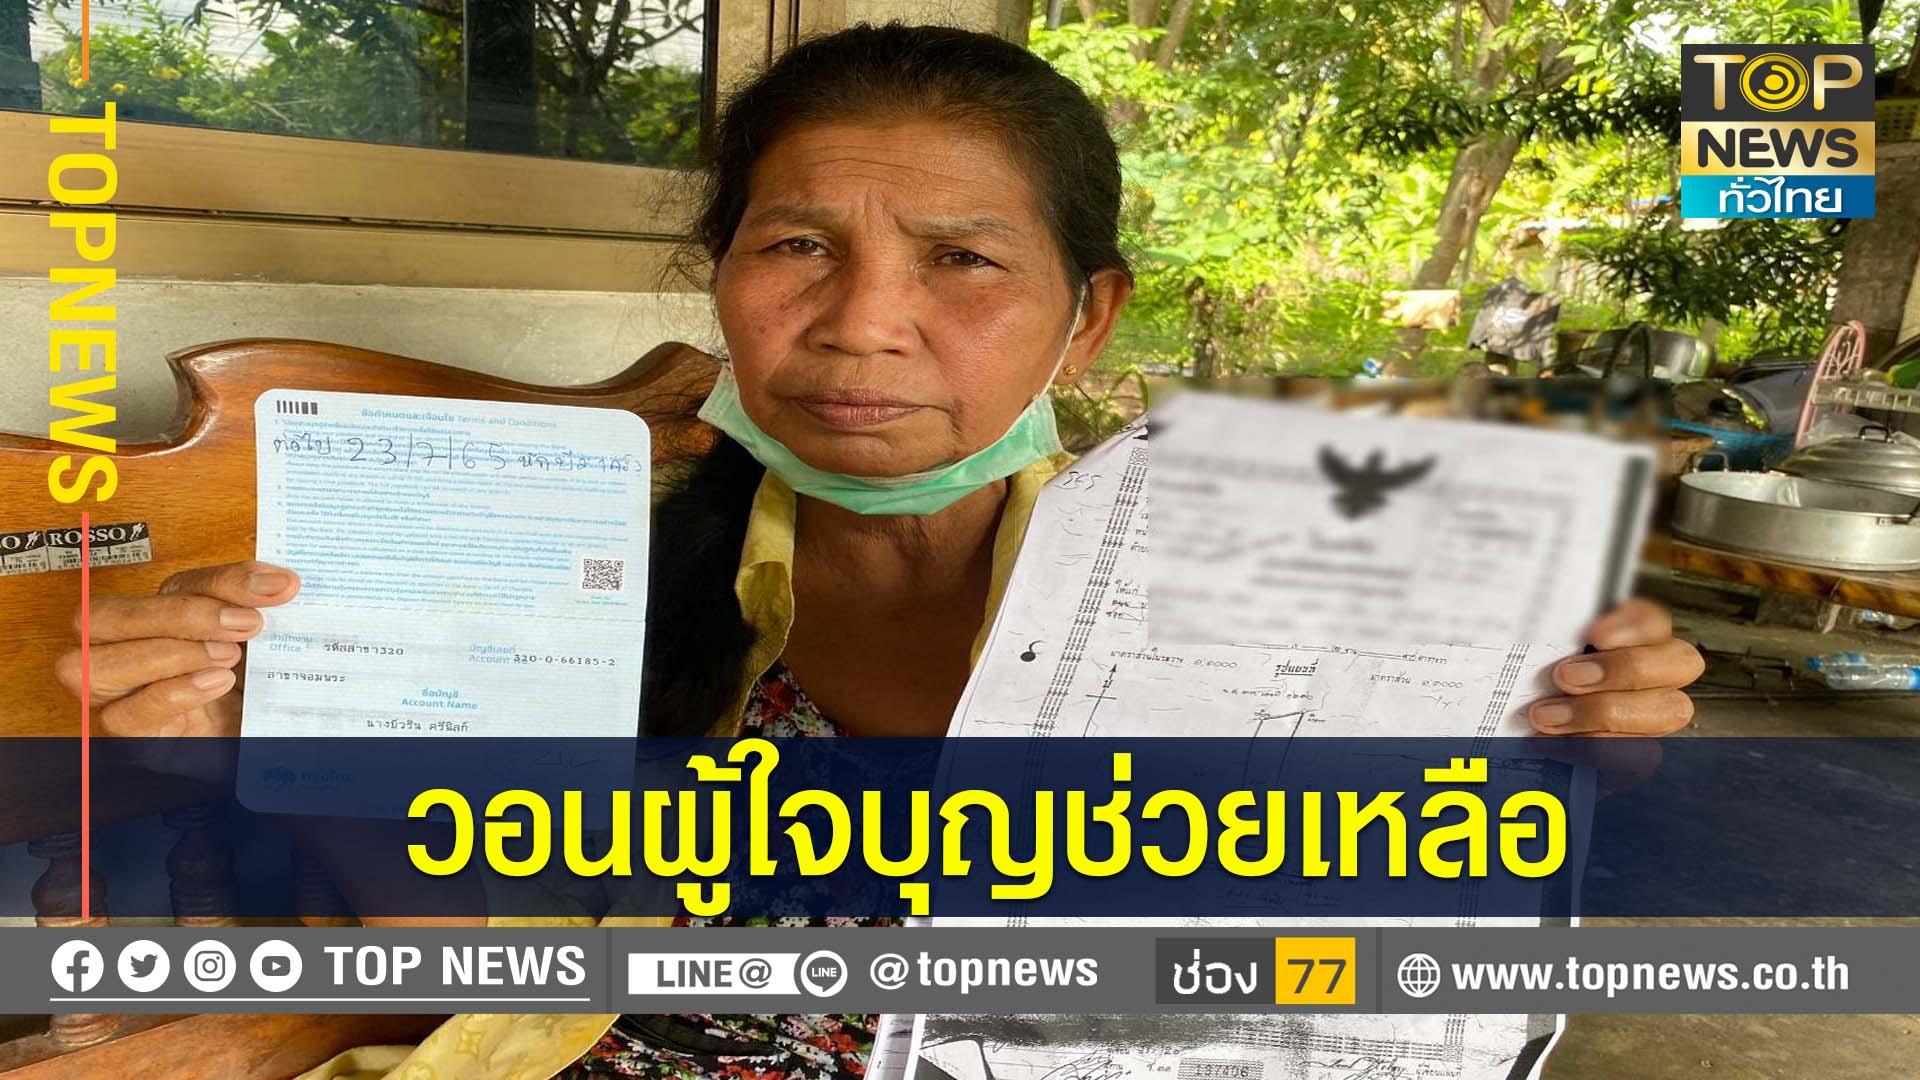 คุณยายวัย 60 ปี ตัดพ้อ ไปค้ำประกันออกรถให้กับคนรู้จักจนบ้านจะถูกยึด ซ้ำร้ายสามีล้มป่วย